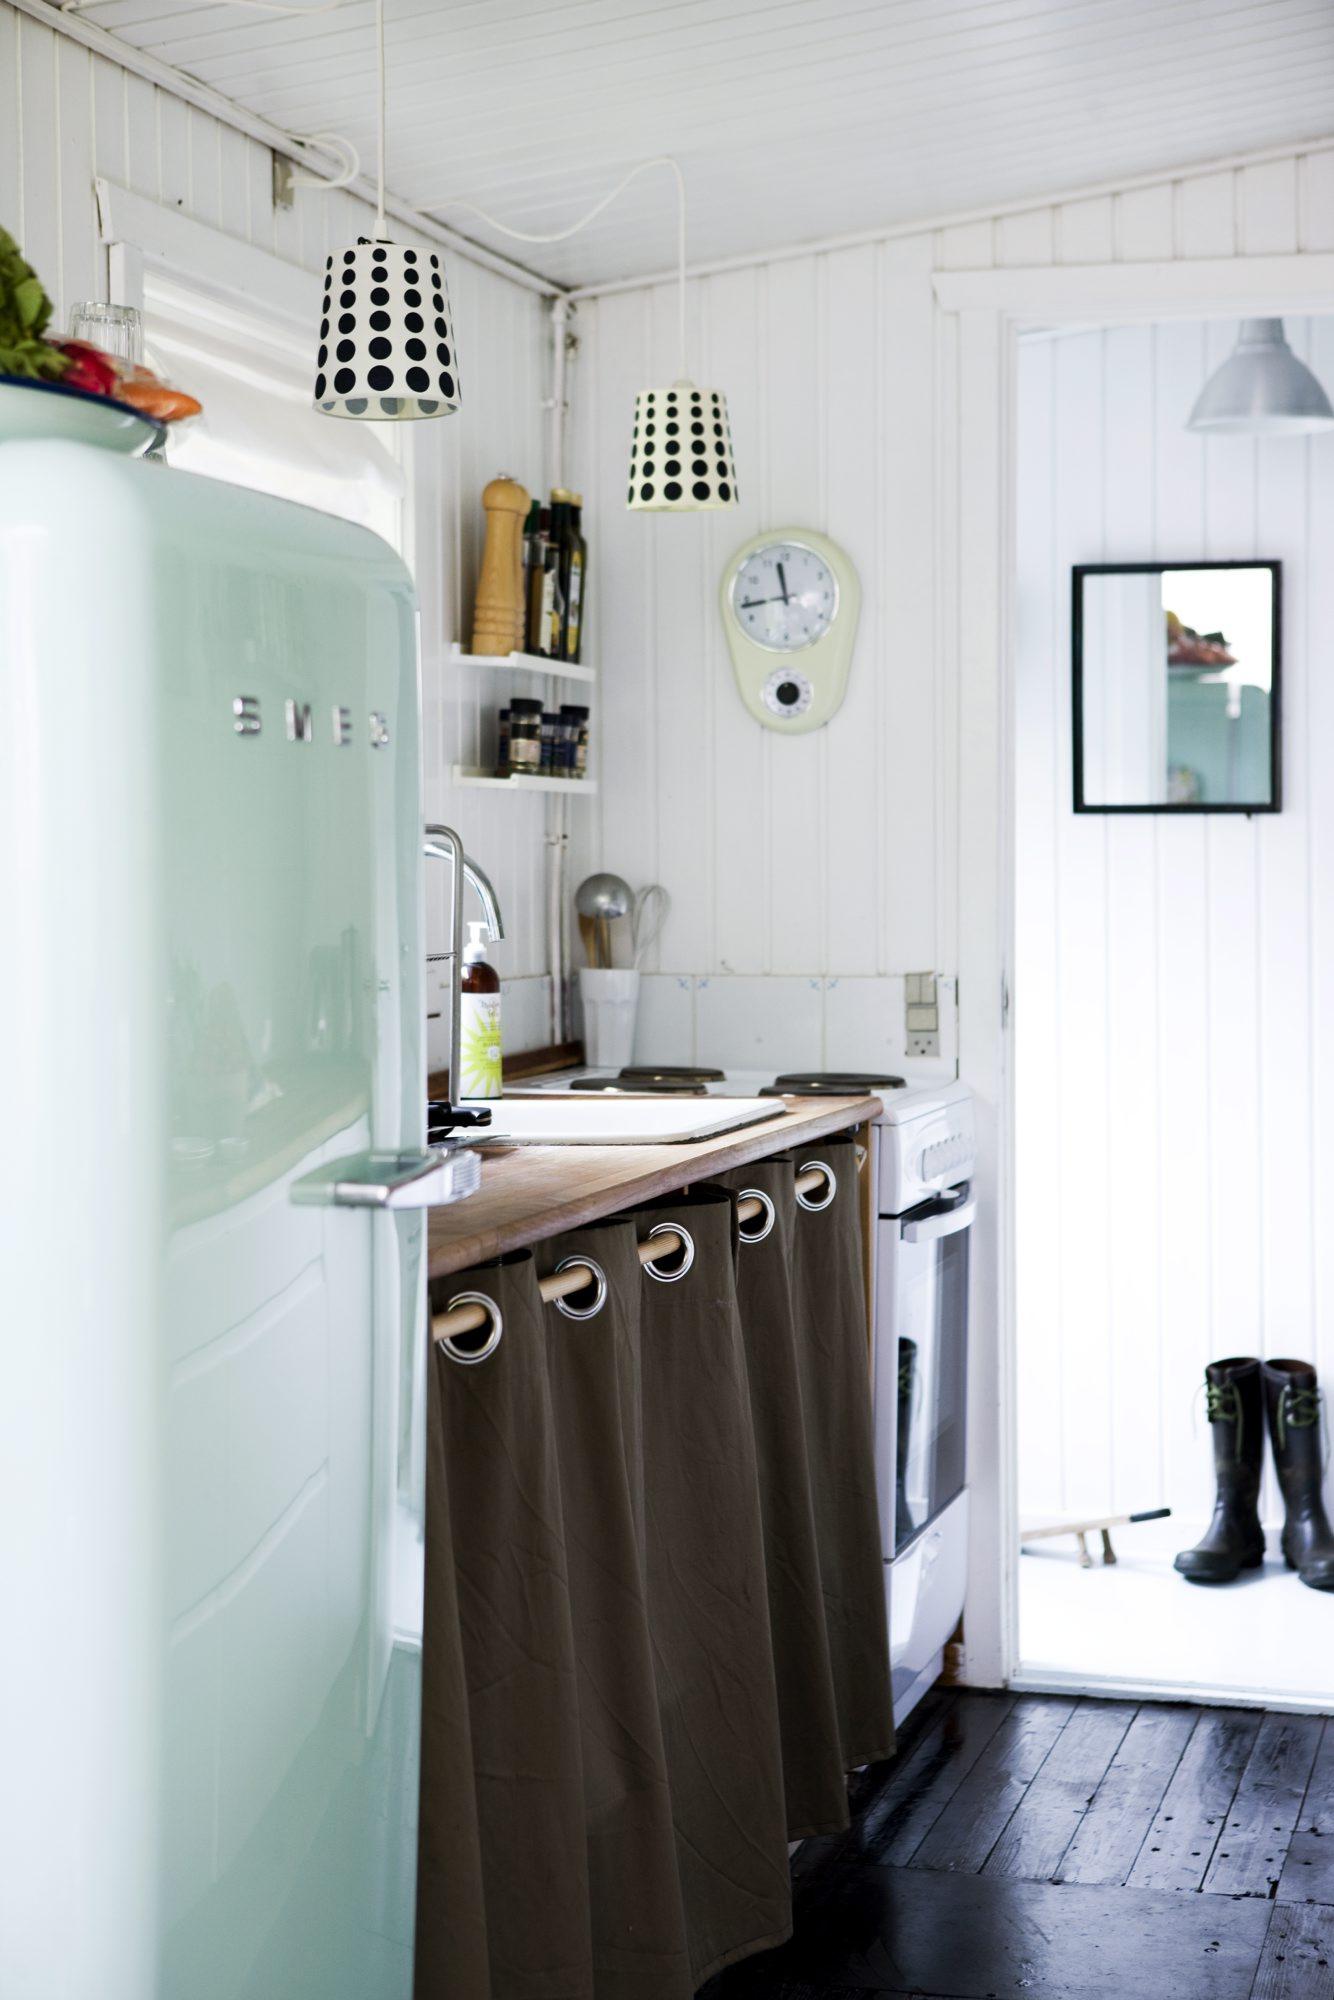 Kjøkkenfornyelse pÃ¥ budsjett – Rom123